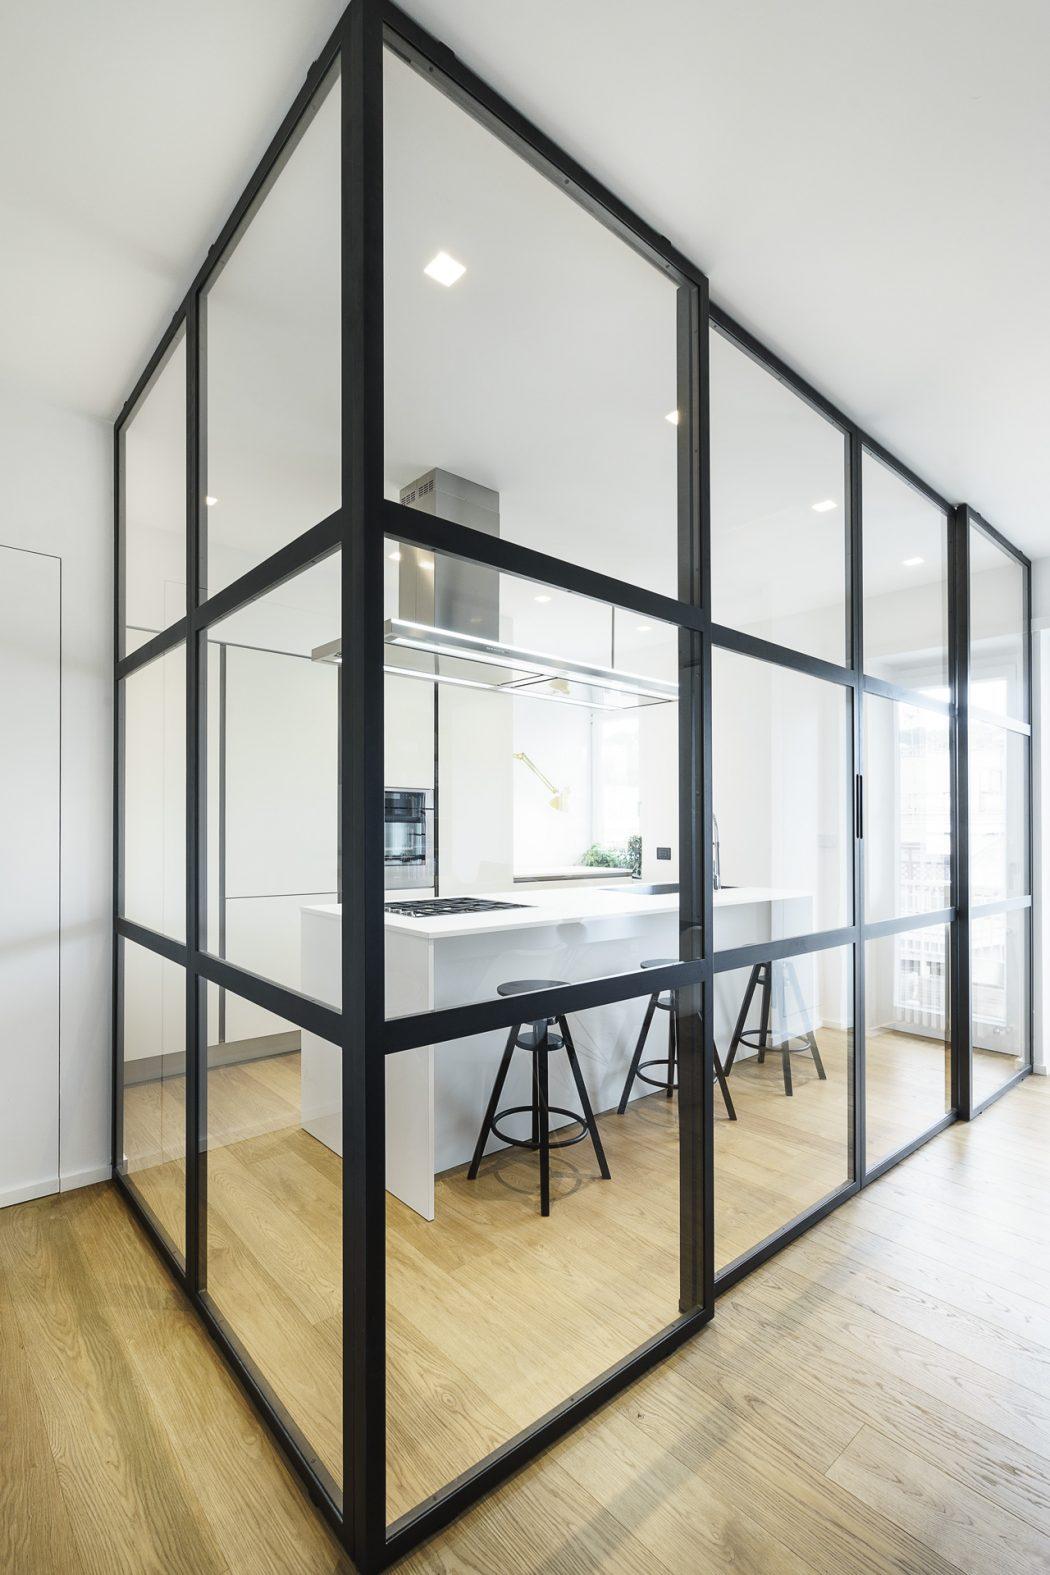 简约 小资 厨房图片来自别墅设计师杨洋在北京极简装修风格的分享